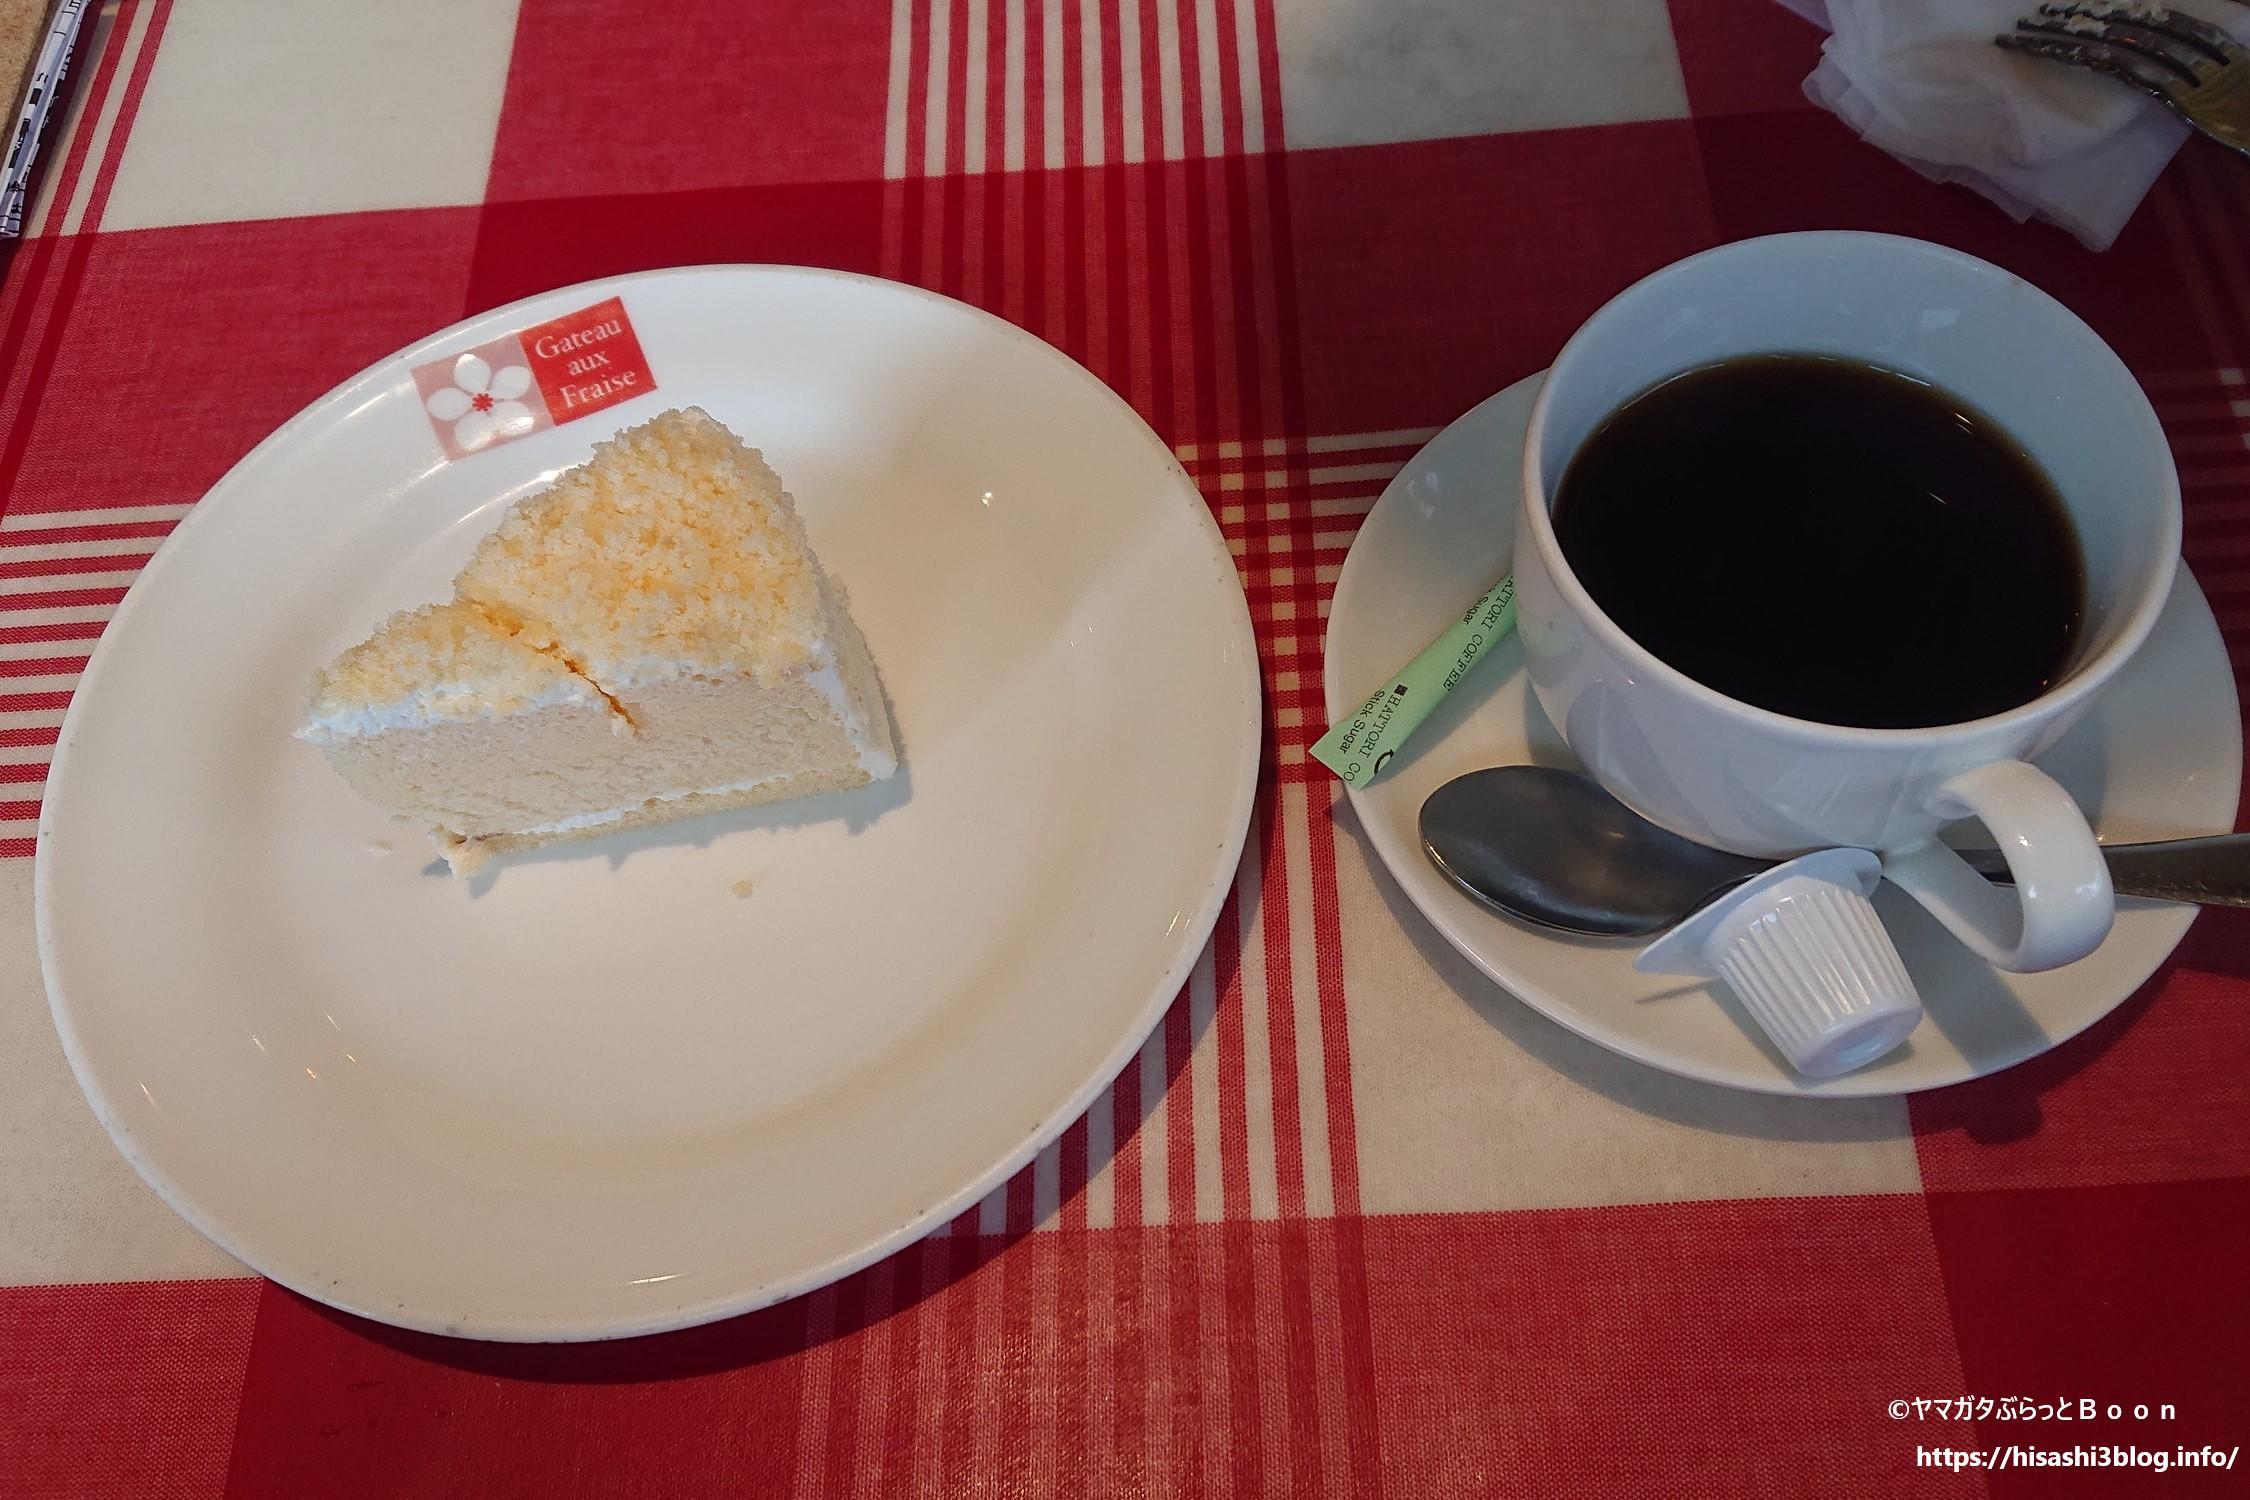 ガトーフレーズのチーズケーキ1